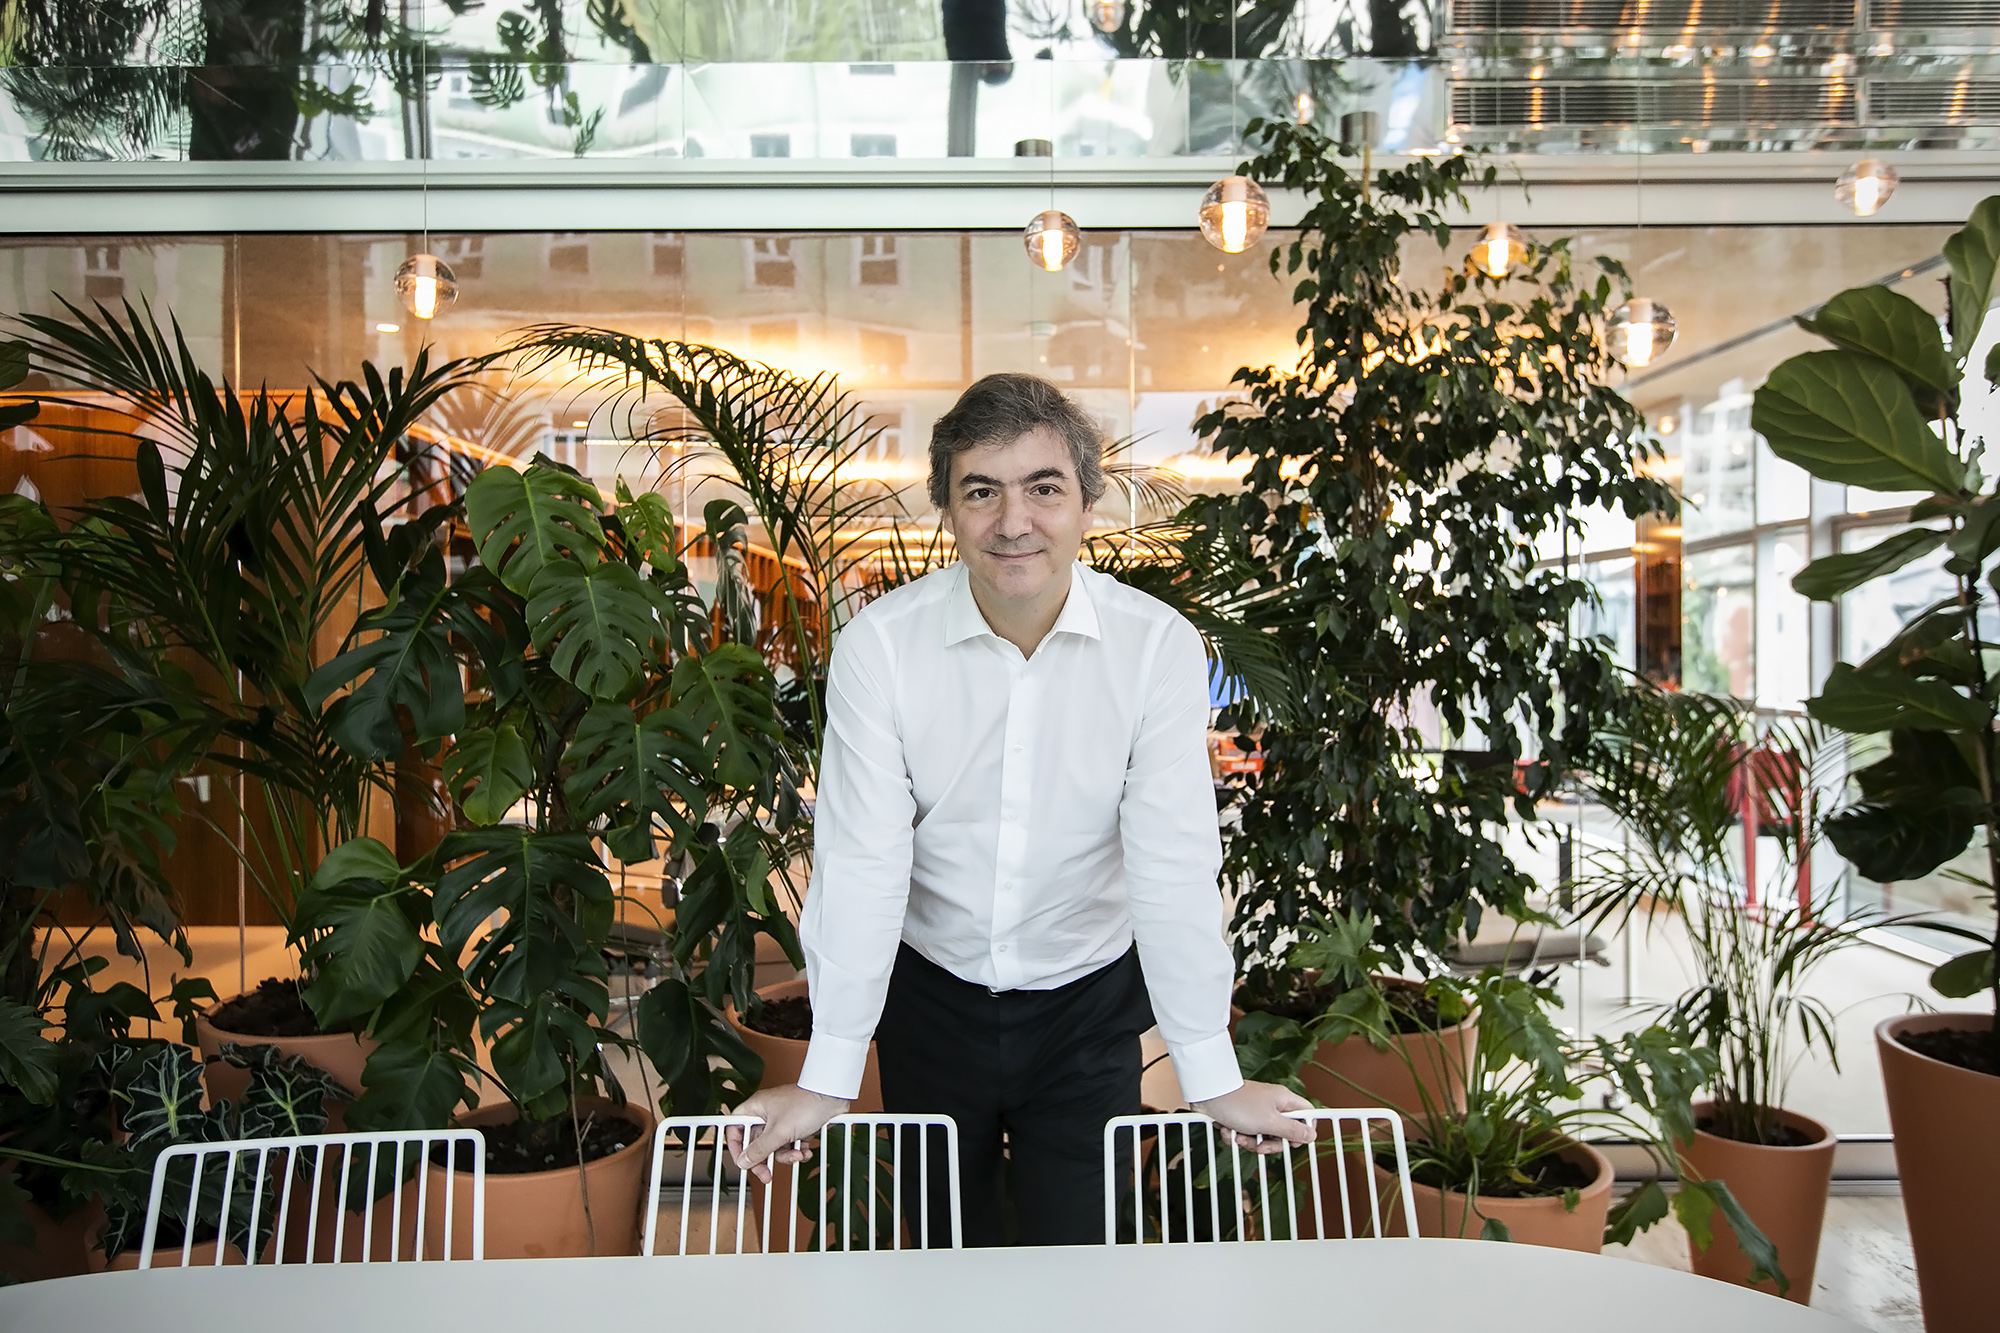 André Júdice Glória em entrevista ao ECO/Advocatus - 02JUN20